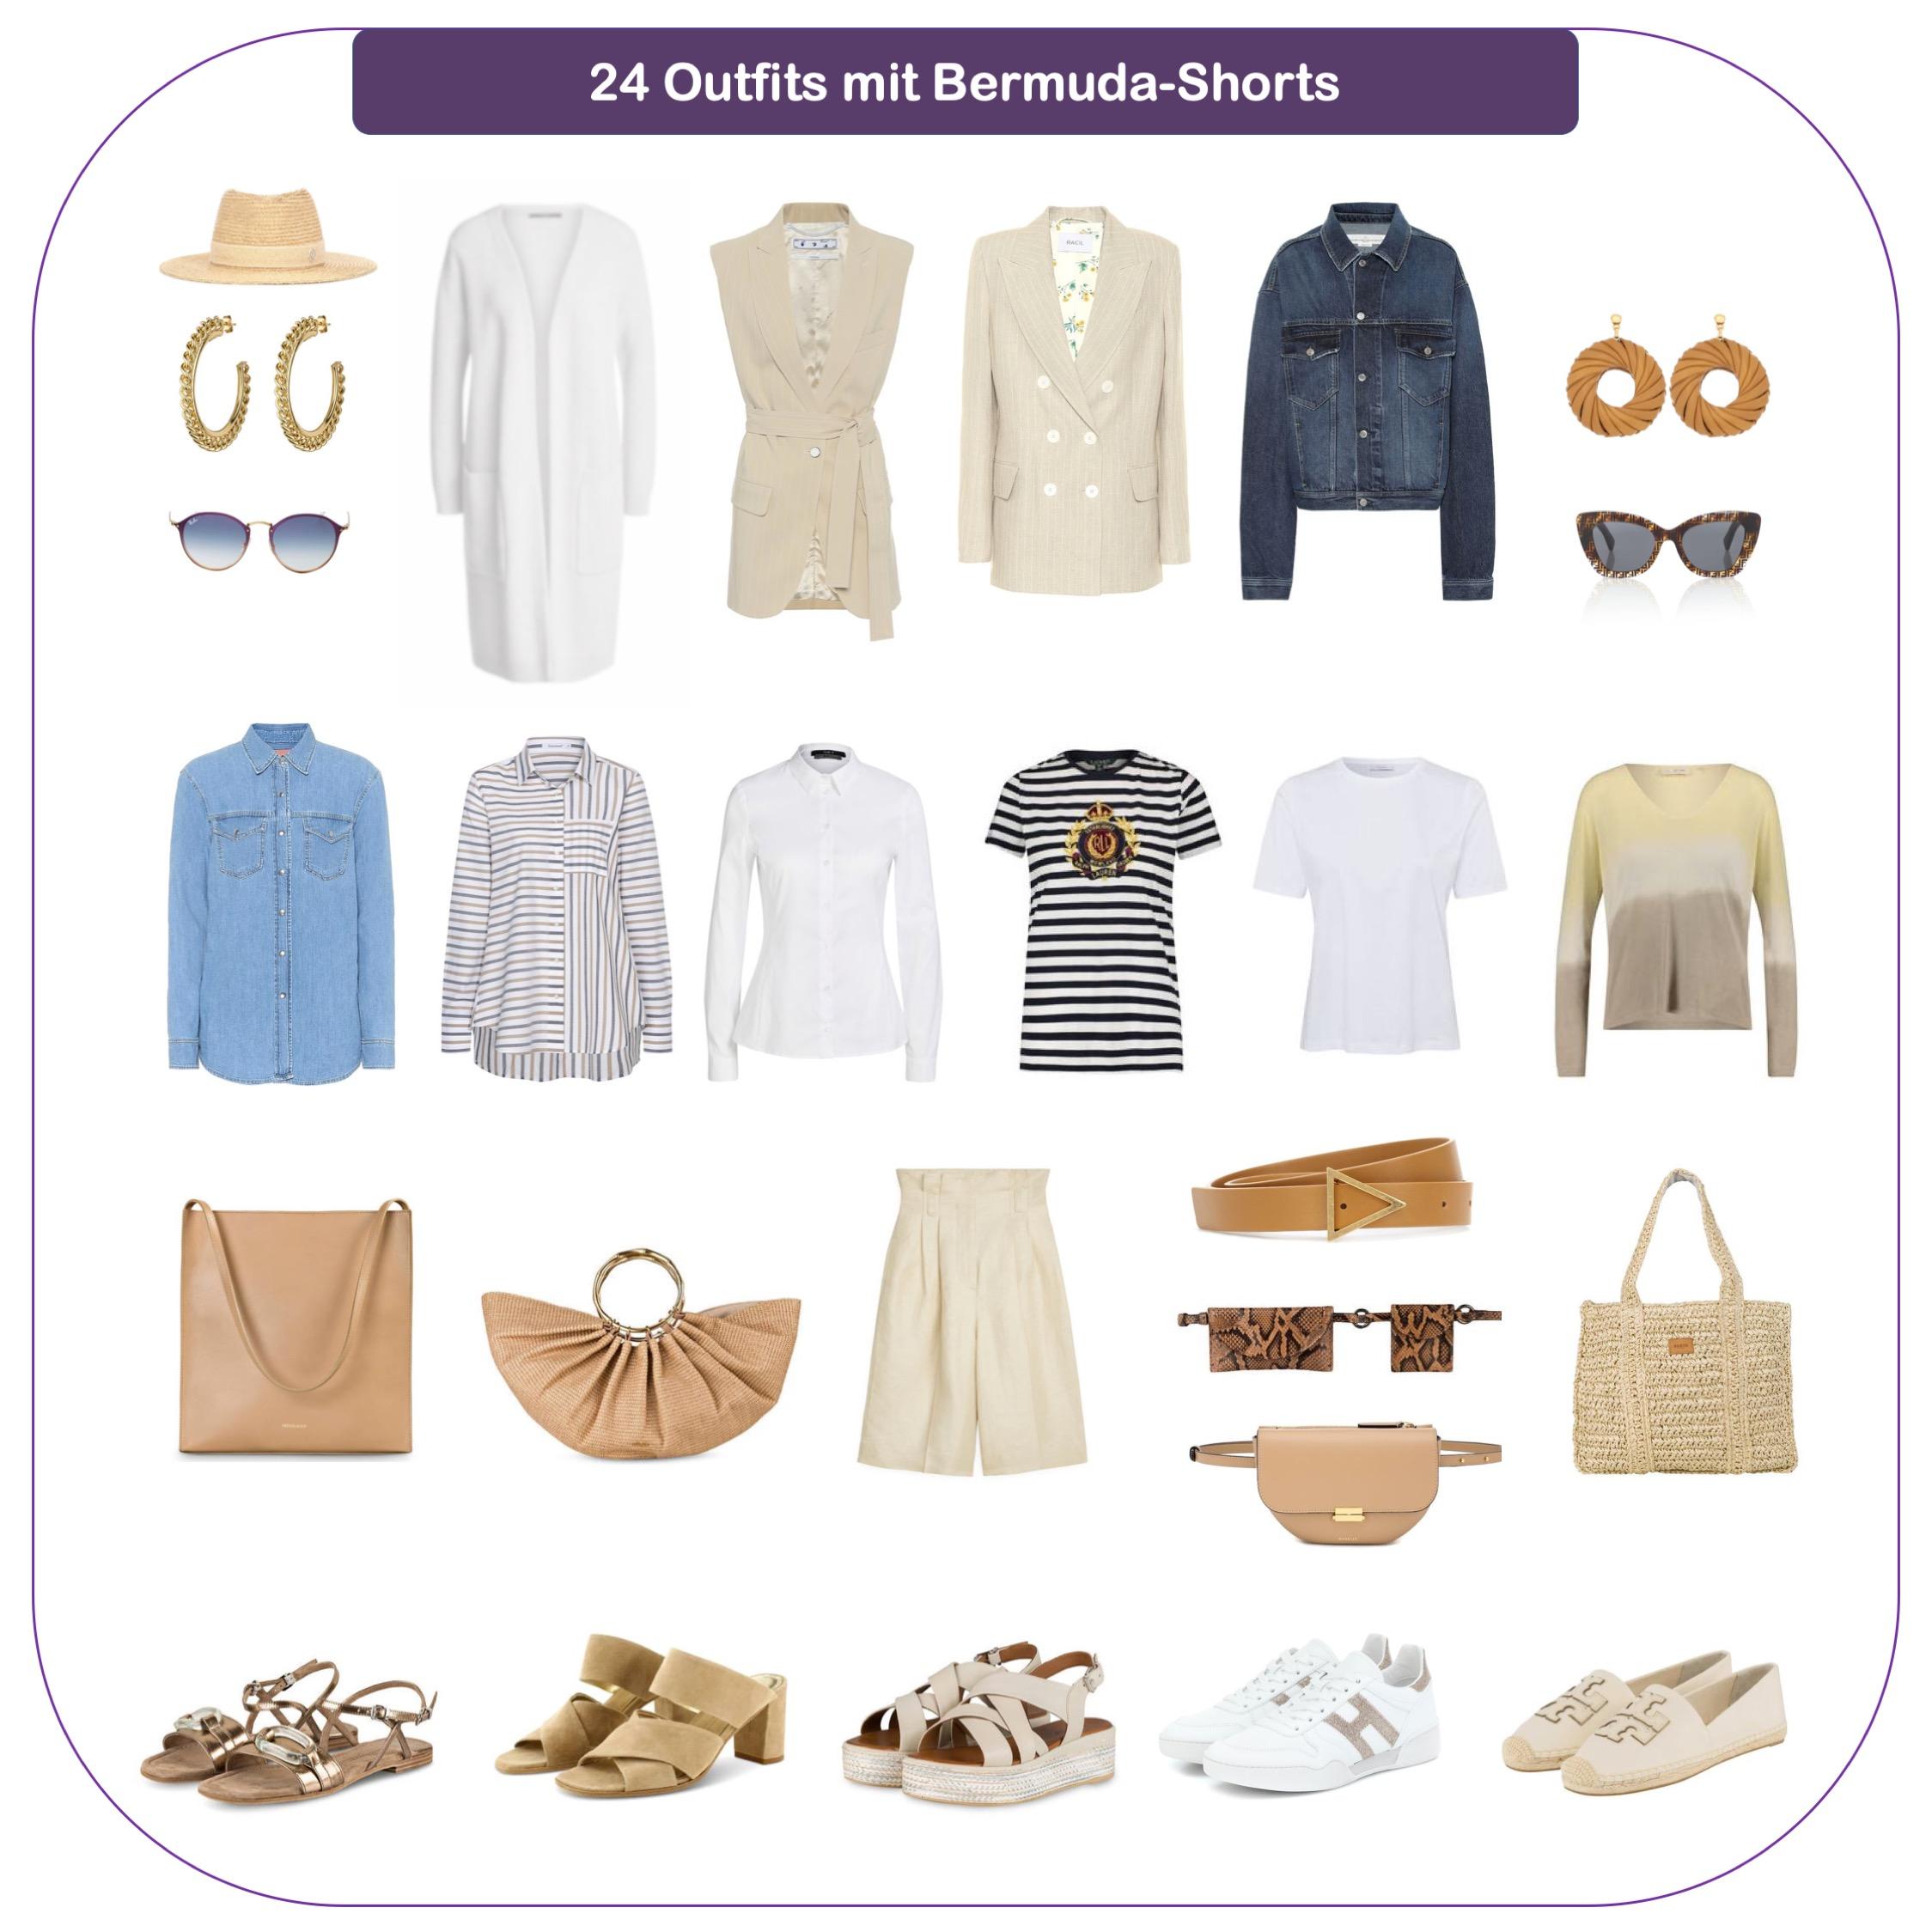 Brmuda-Shorts kombinieren - Outfits mit beigen Bermudas